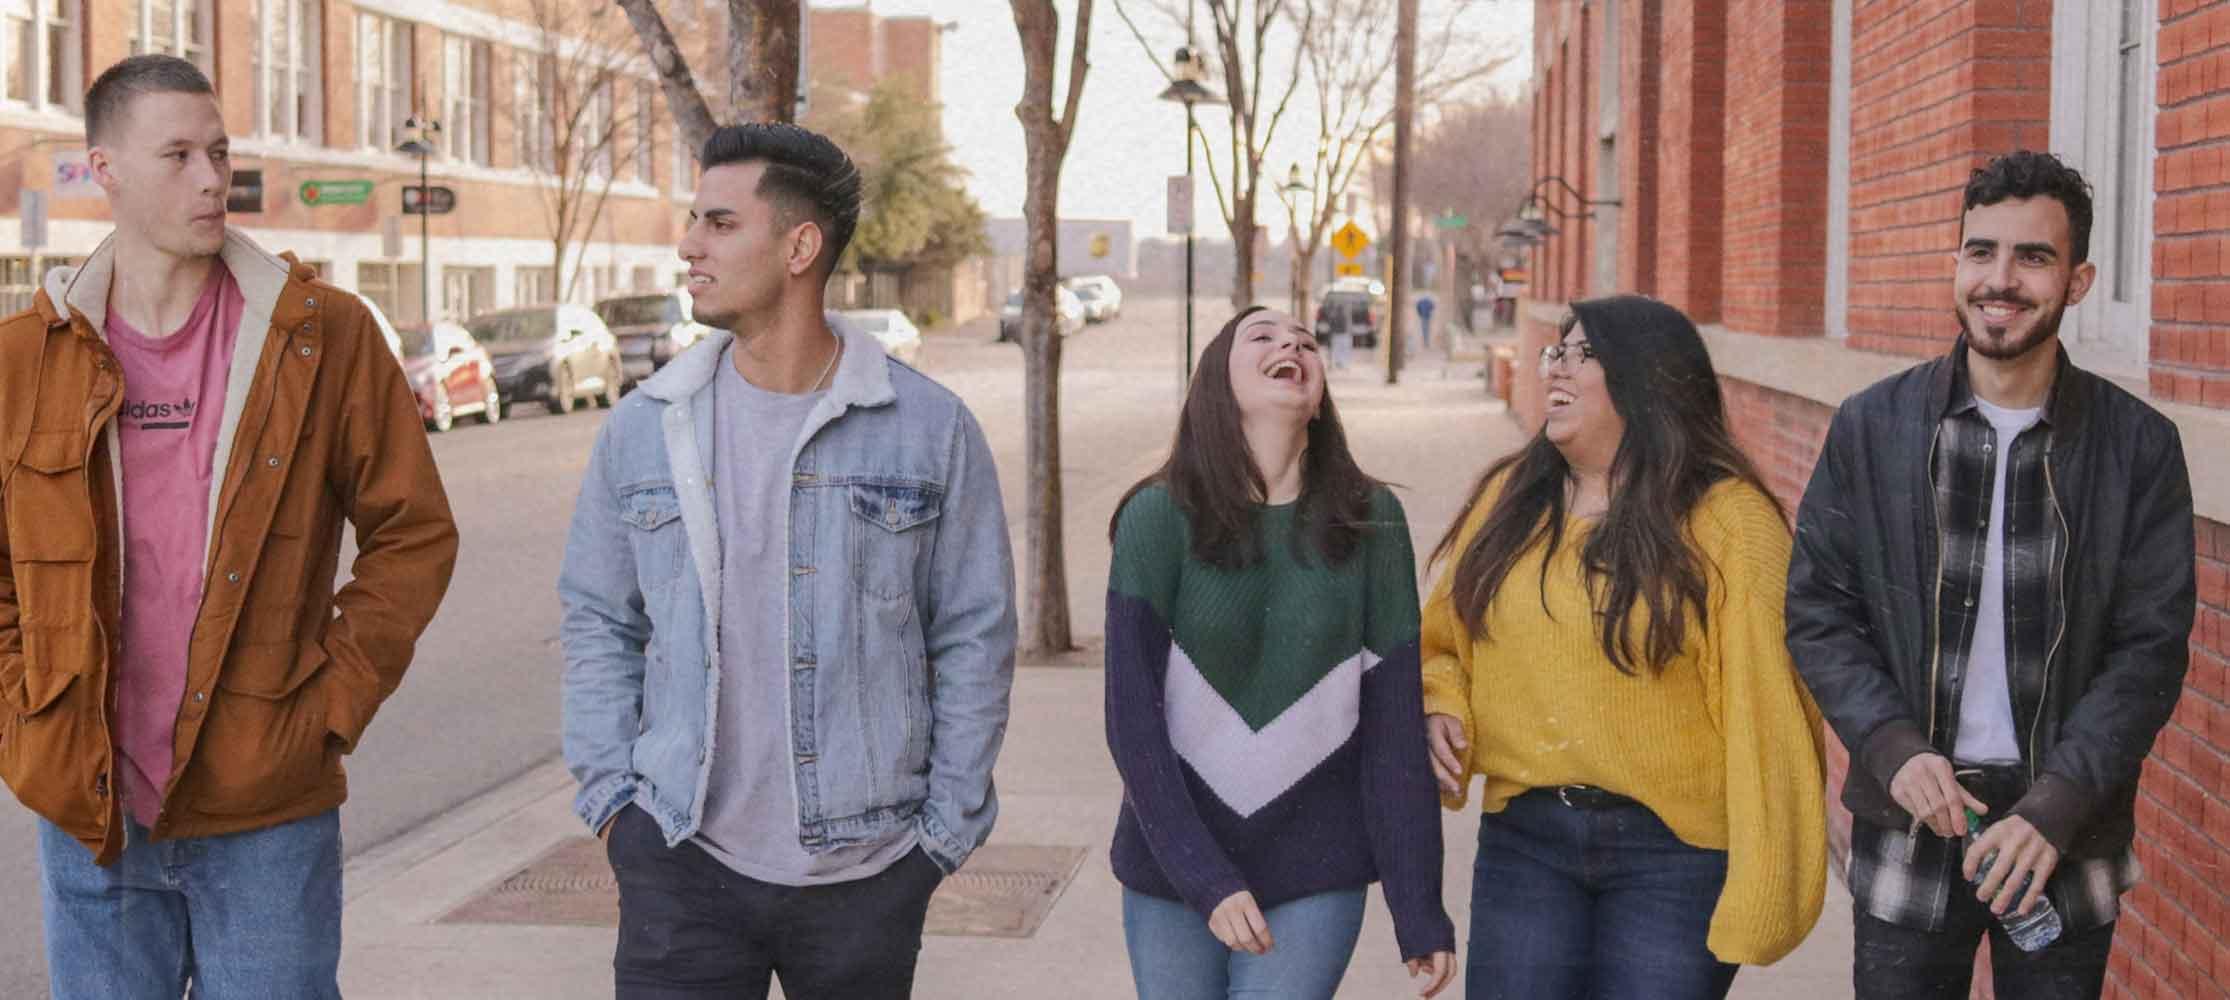 Jugendliche gehen durch Stadt